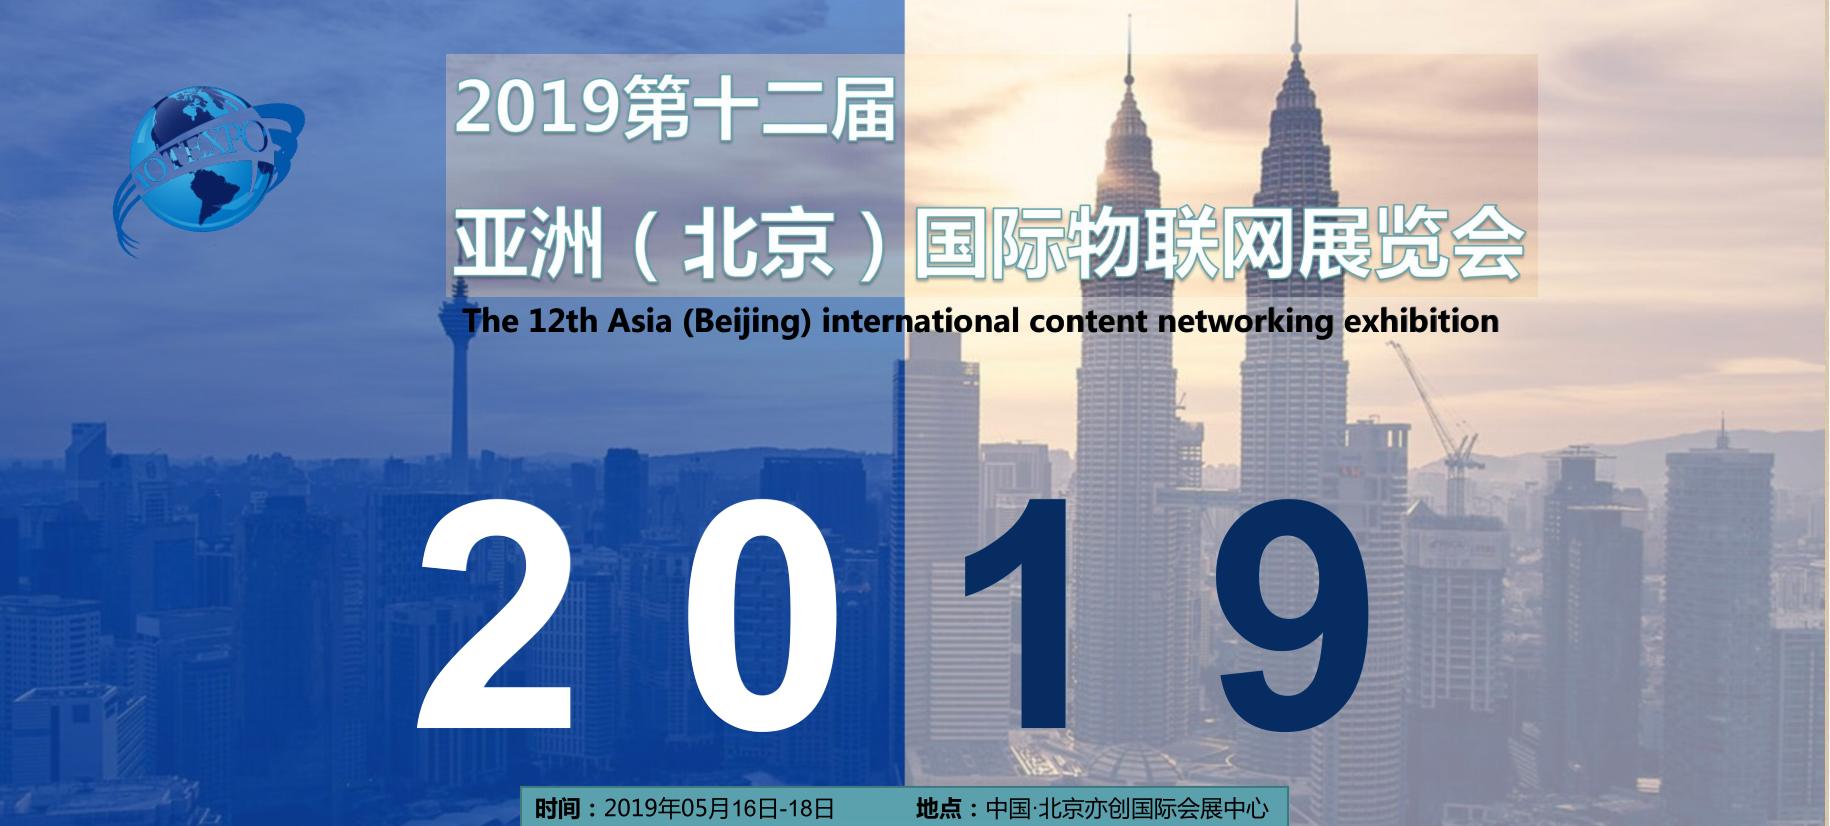 中国国内知名物联网博览会-RFID物联网展览会-官方_国际会展中心